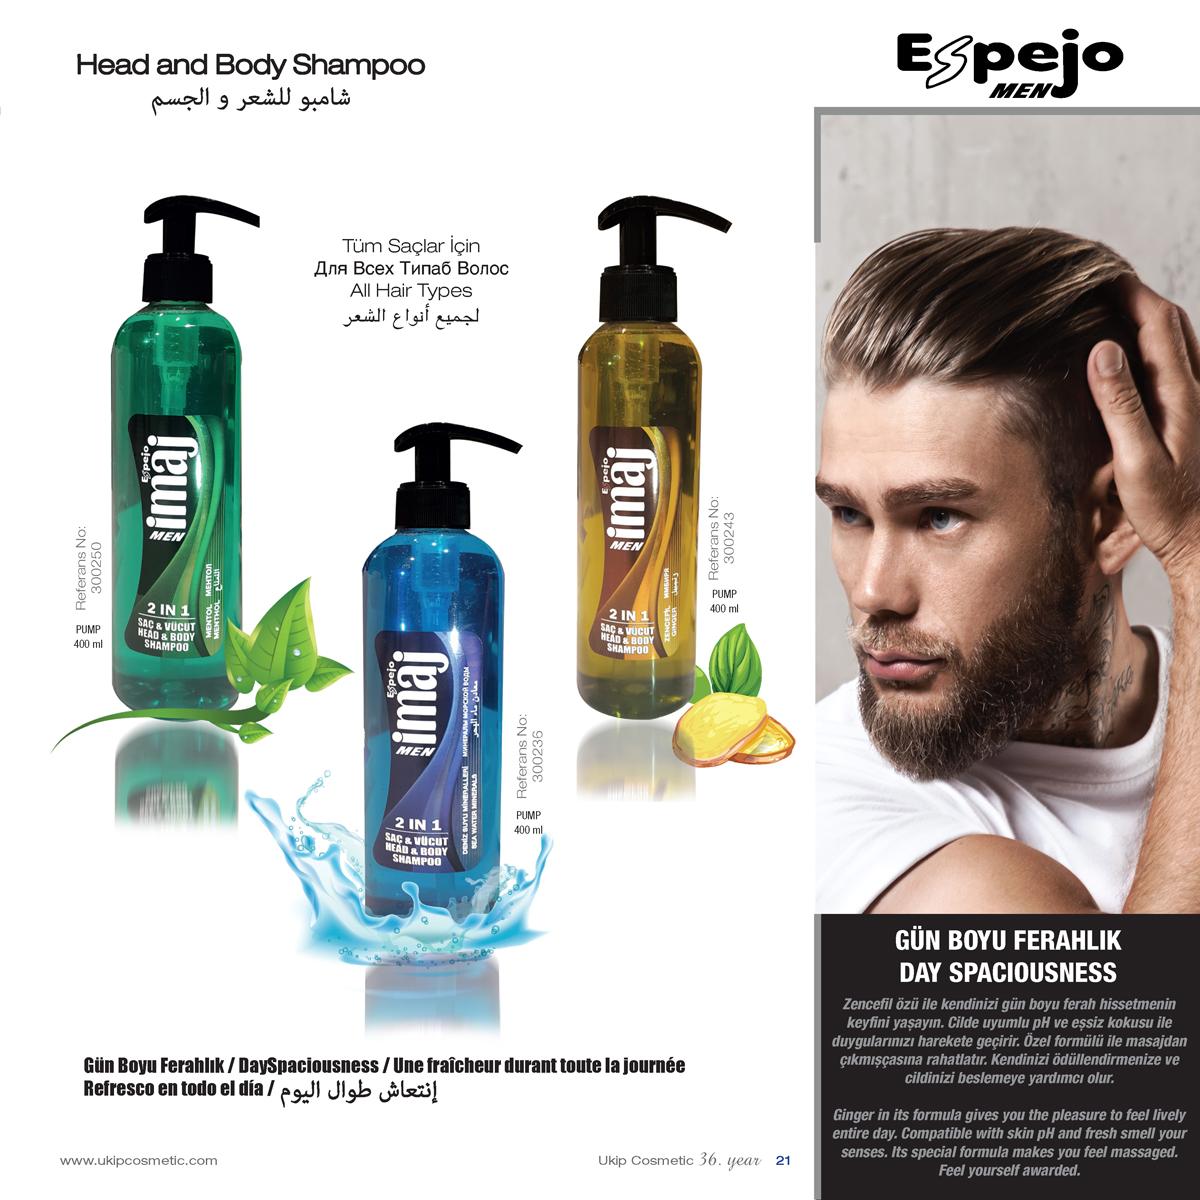 Head and body shampoo Espejo